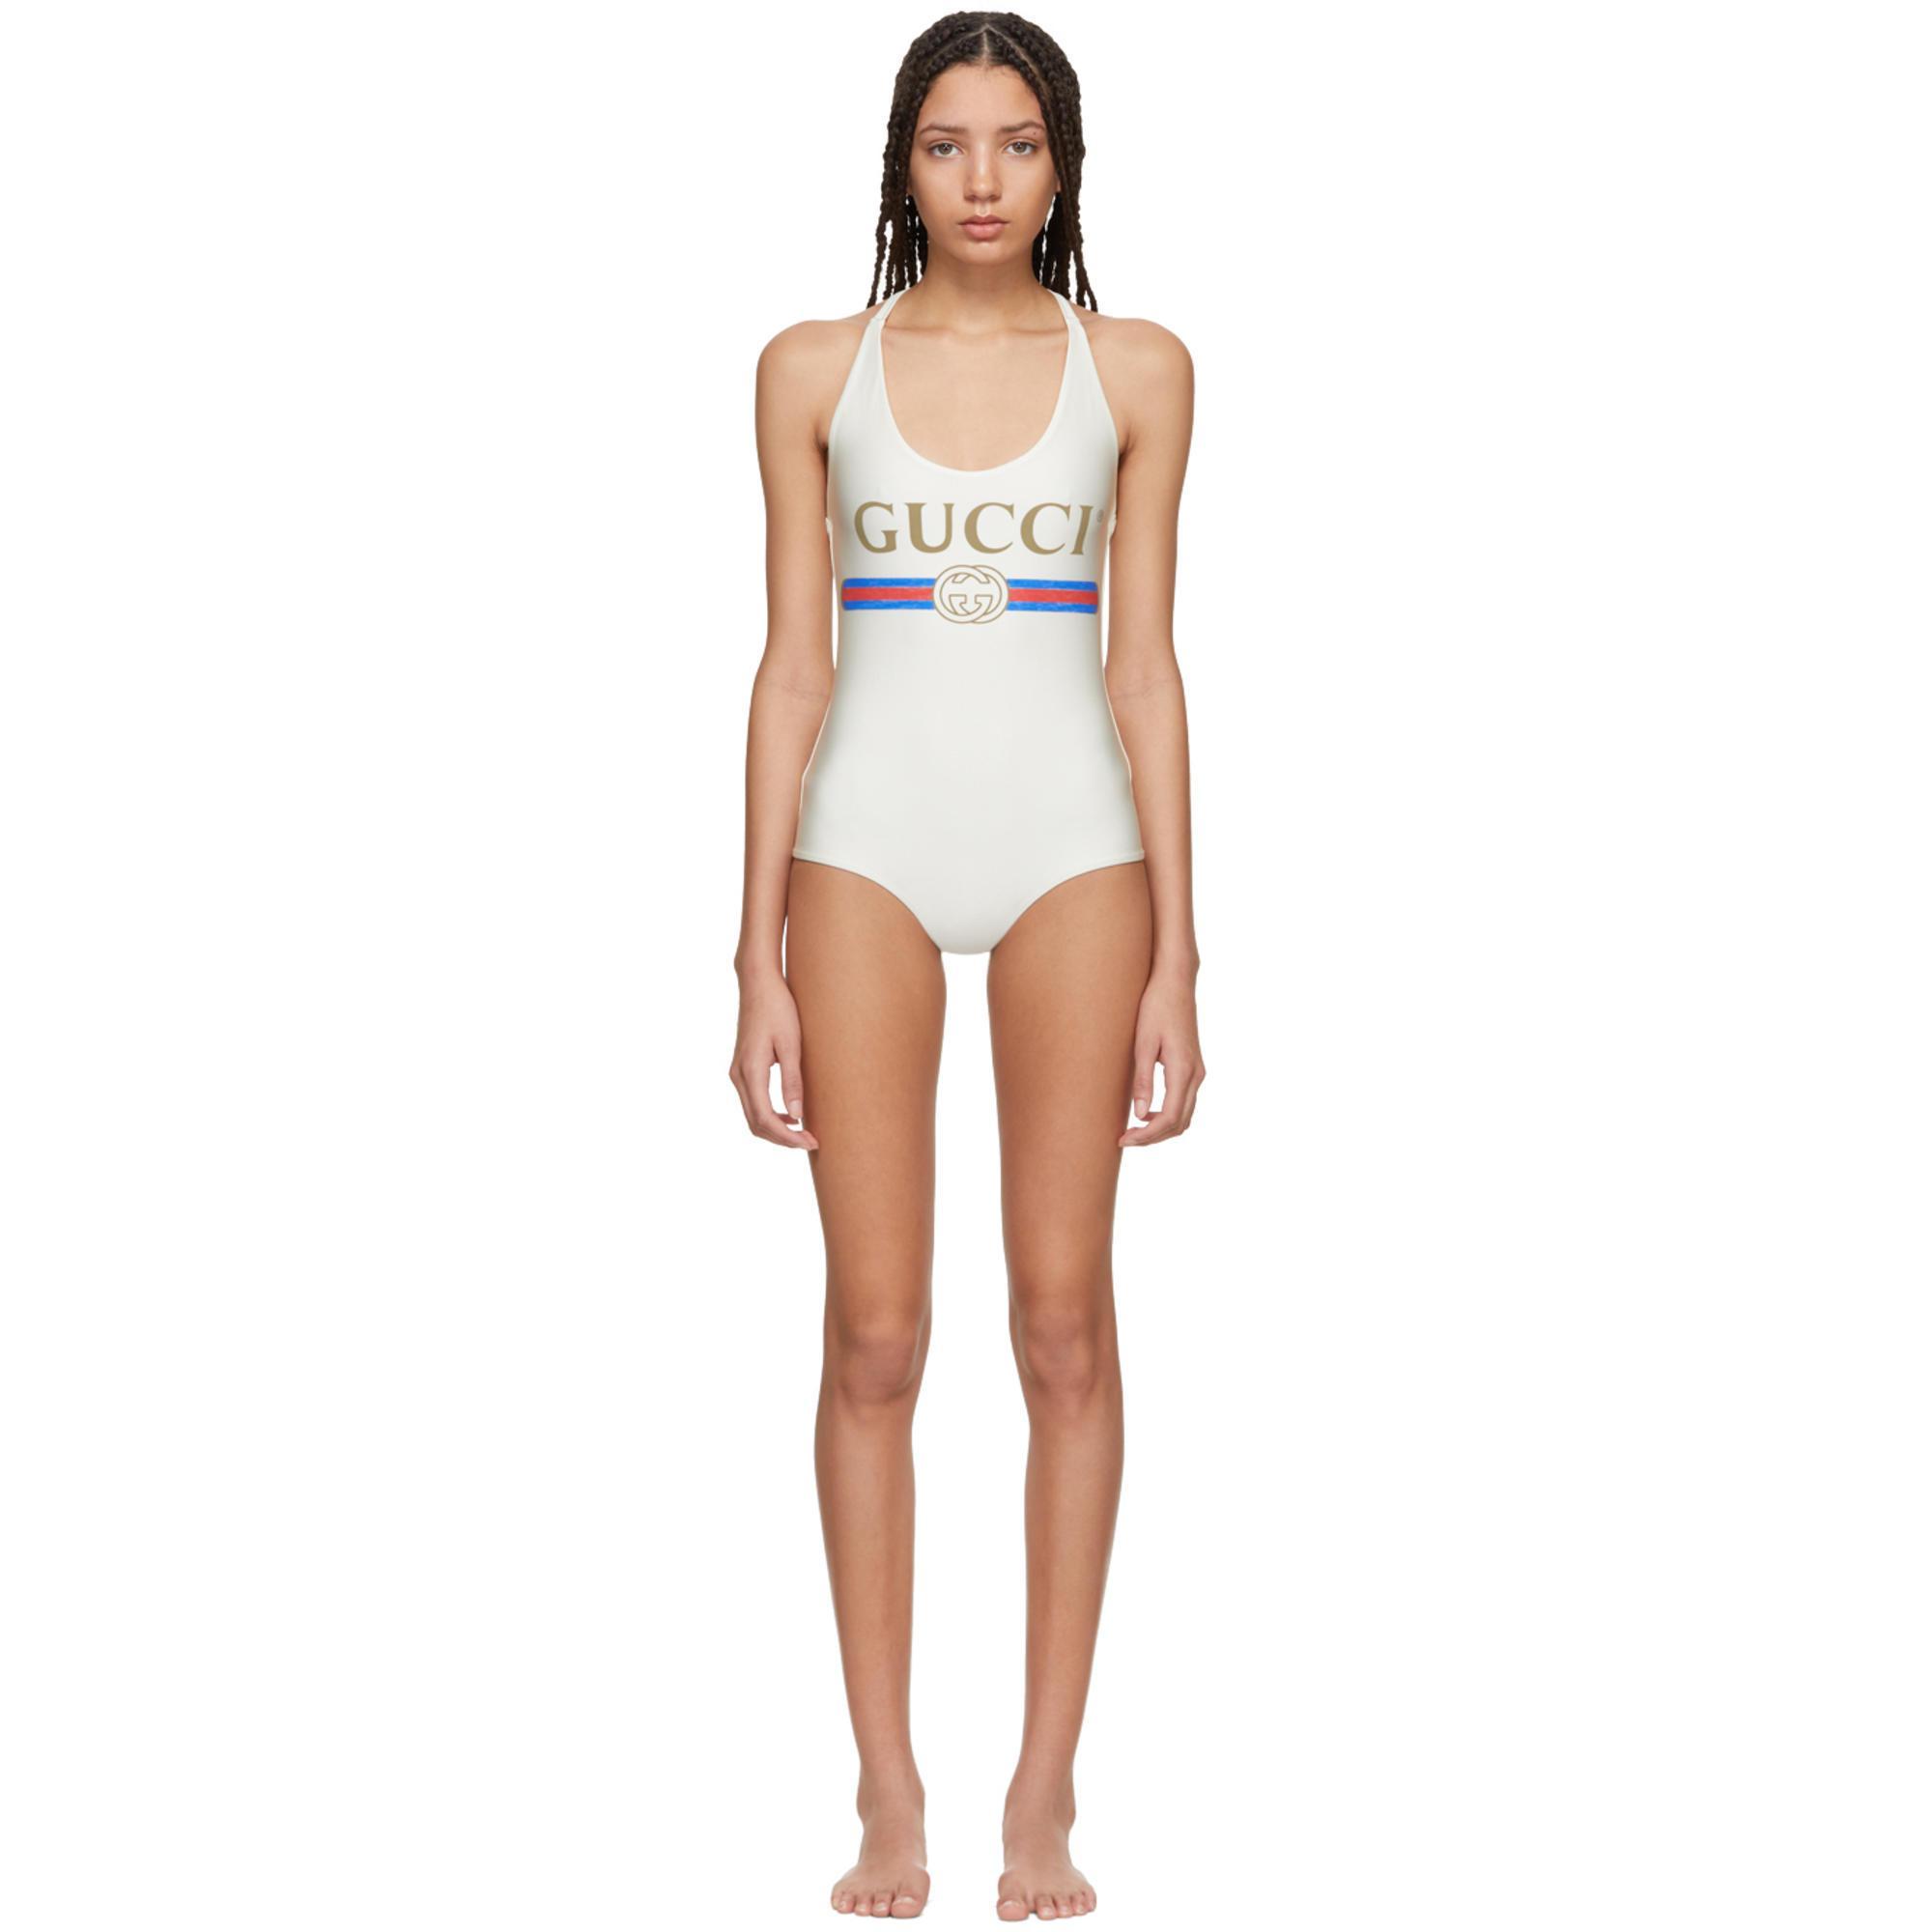 Lyst - Maillot de bain à logo blanc Gucci en coloris Blanc 2a4690cc478c